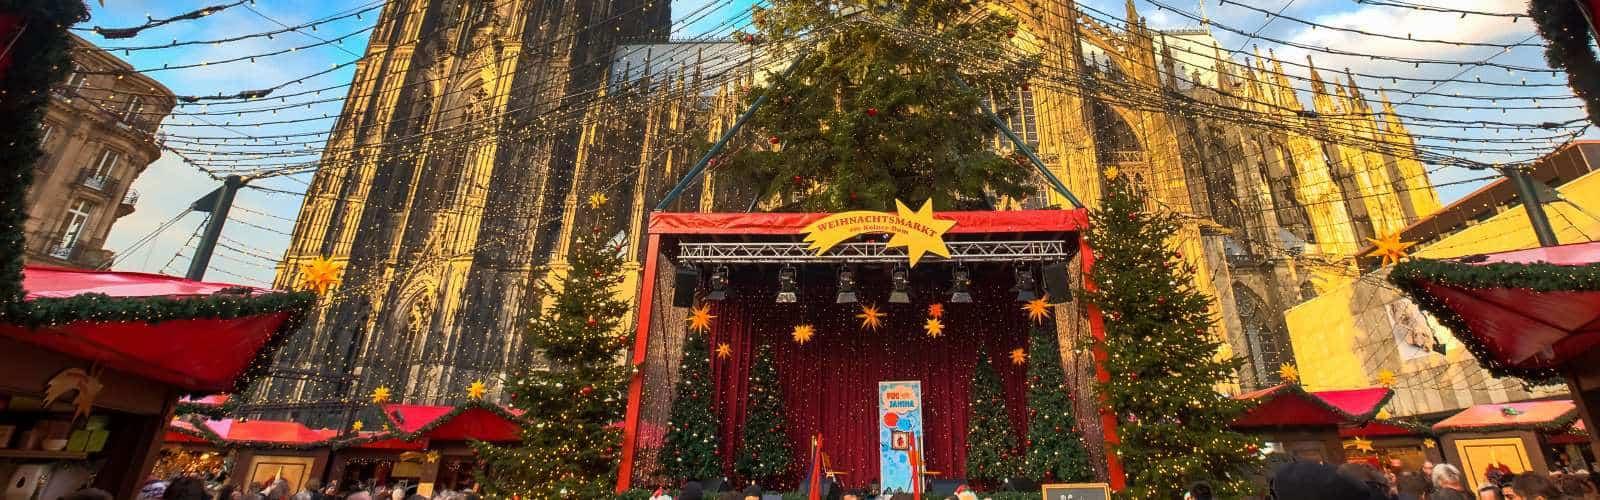 Weihnachtsfeier Ideen Köln.Weihnachtsfeier Köln Die Besten Events Rund Um Den Dom B Ceed